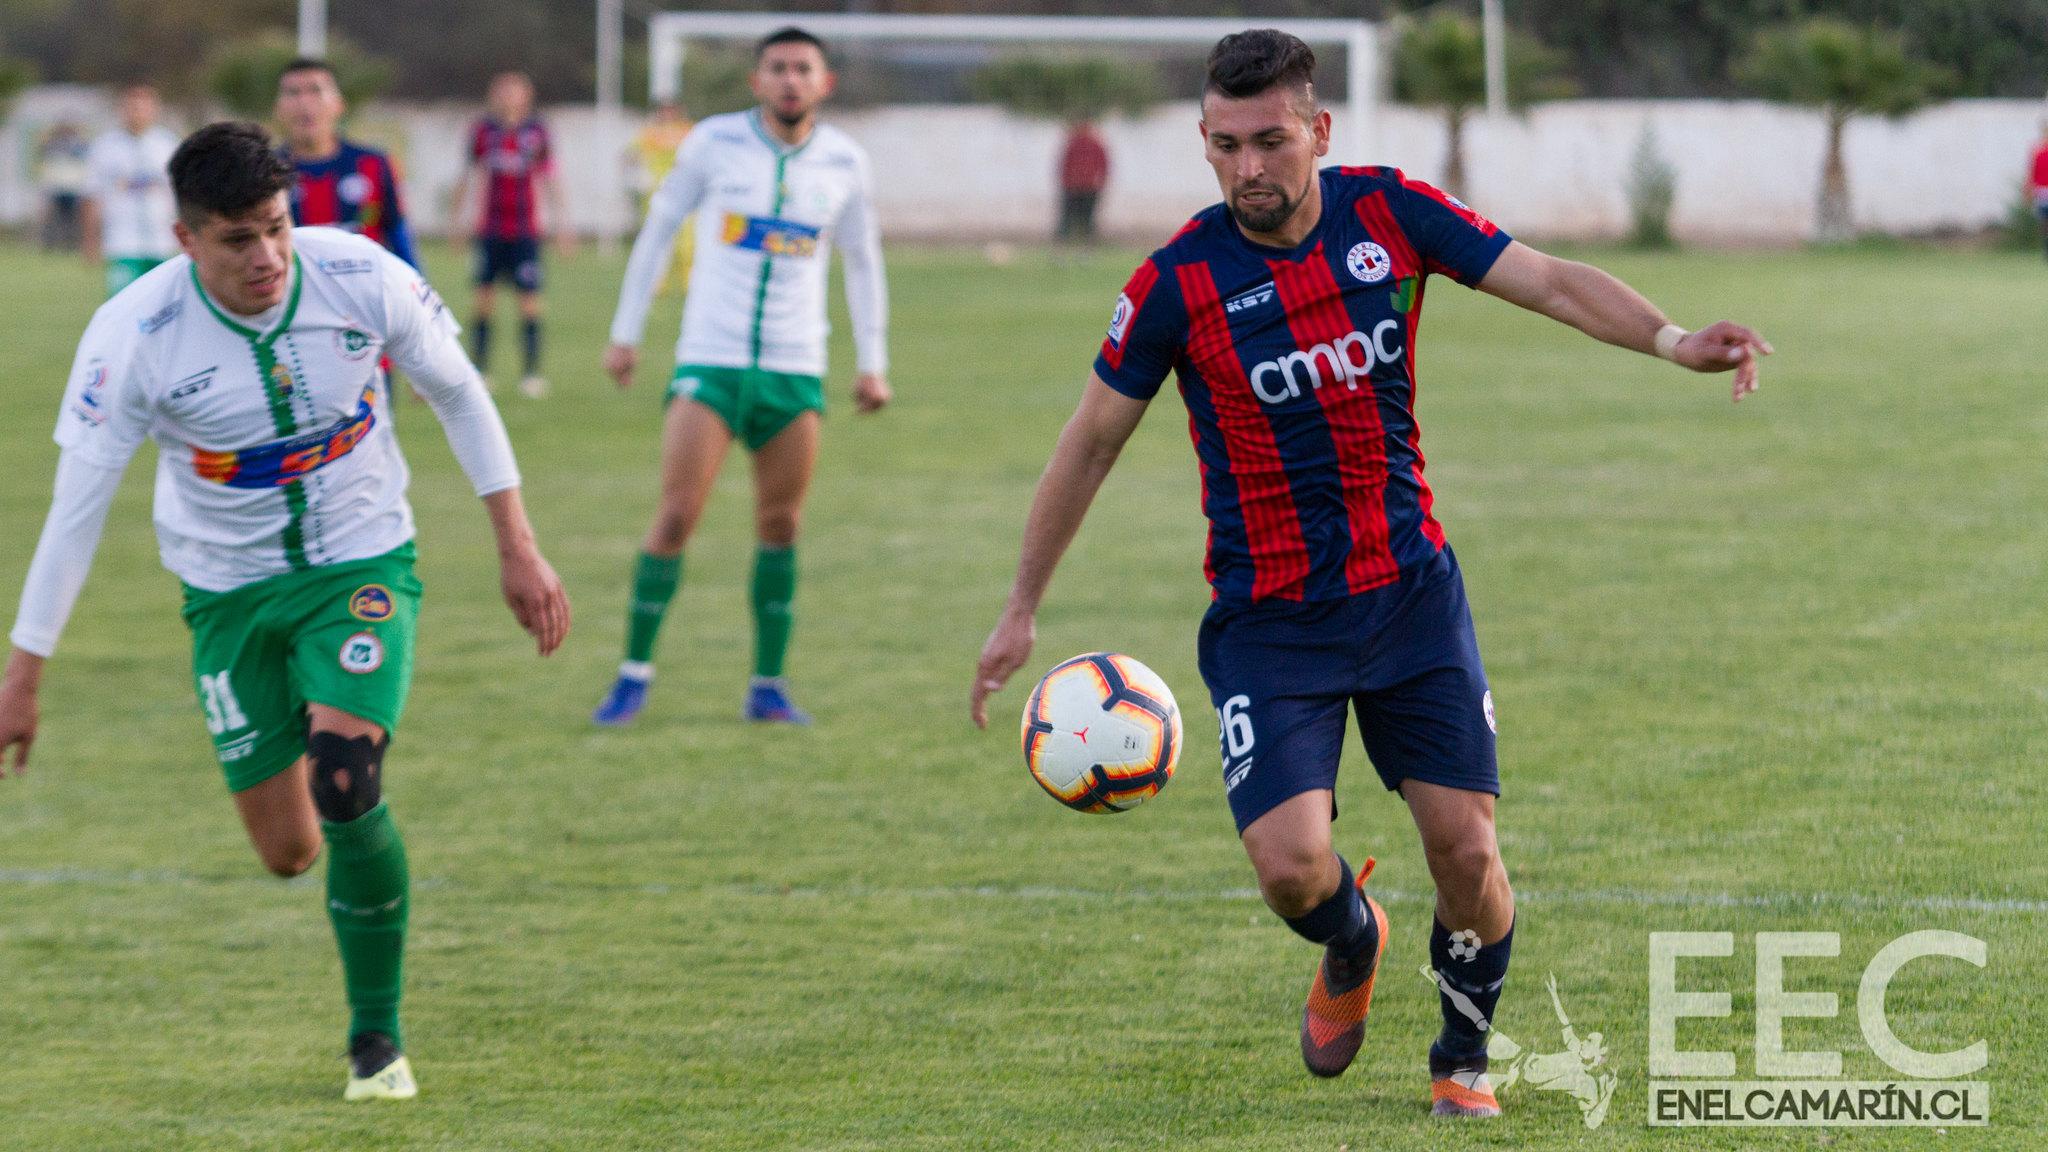 Galería de fotos: Deportes Vallenar vs Deportes Iberia